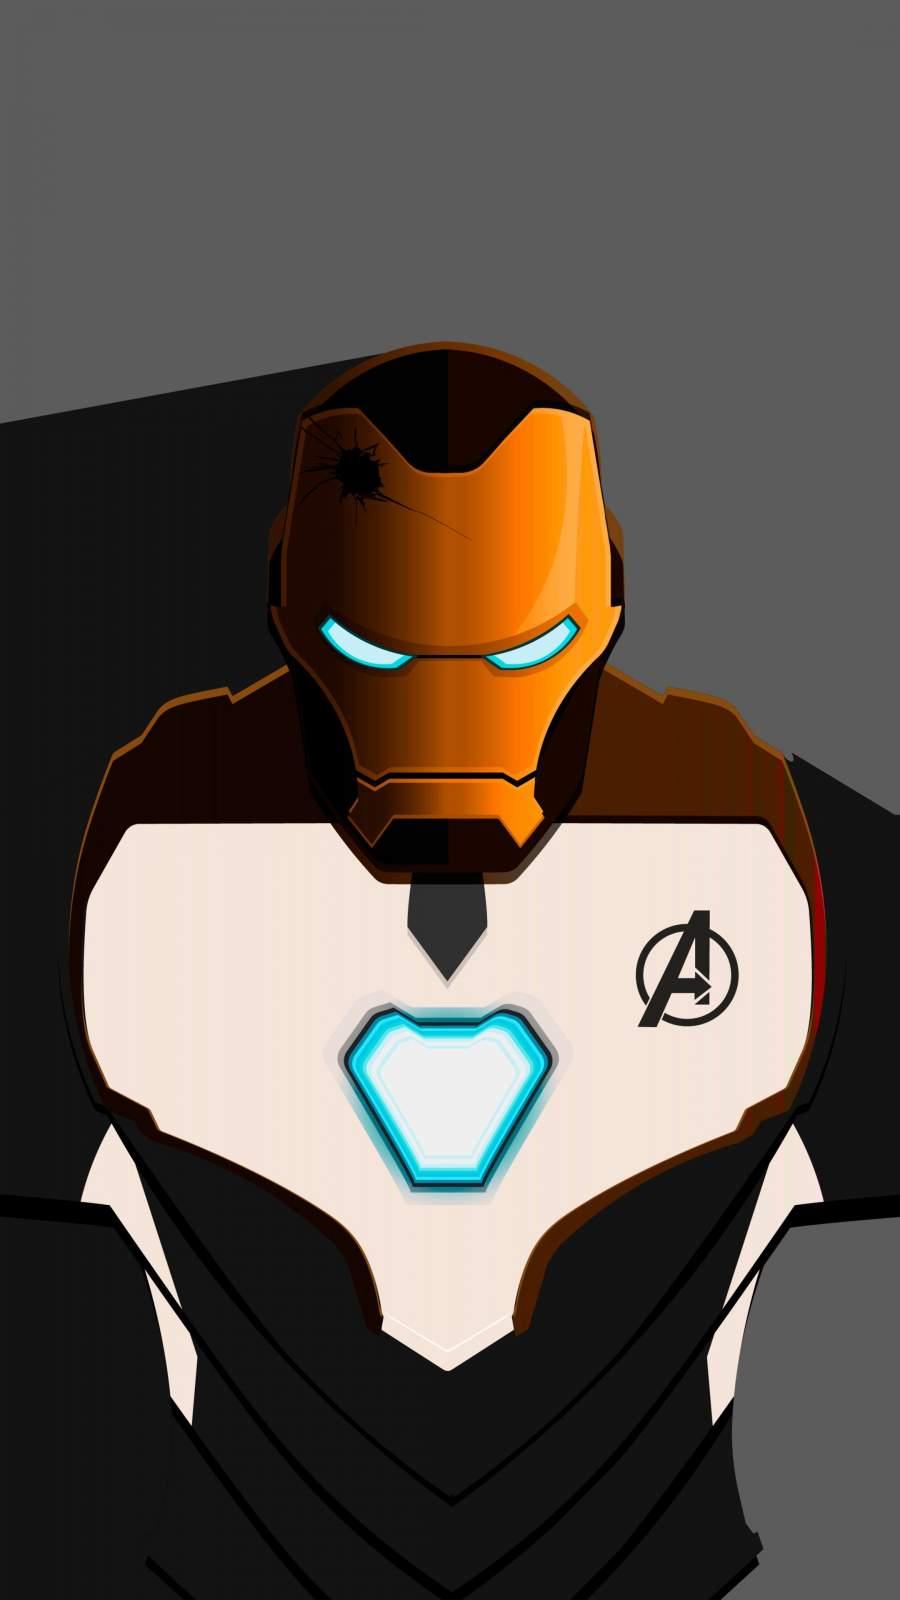 Iron Man Mark 50 Quantum Suit iPhone Wallpaper